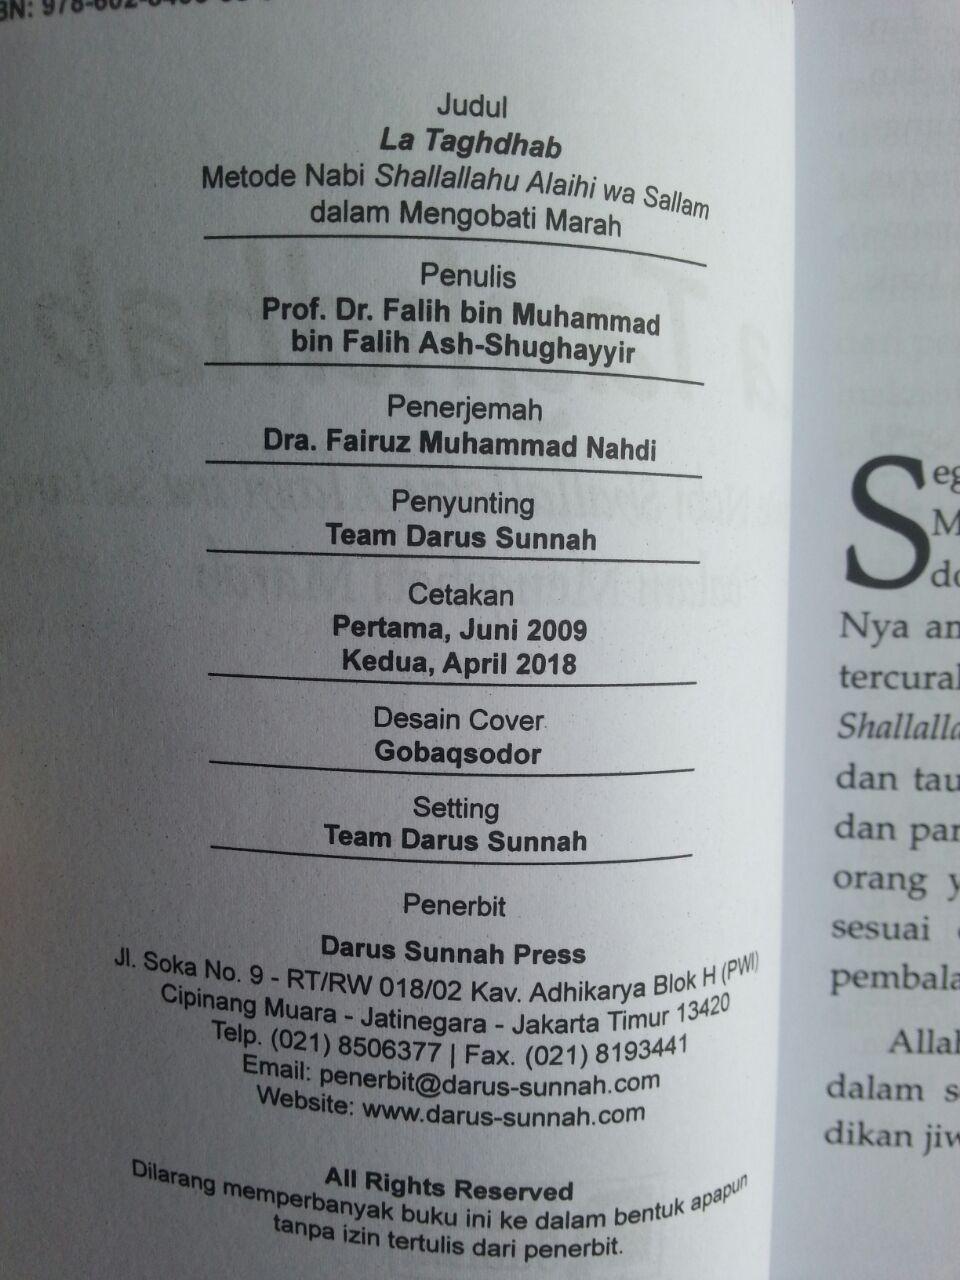 Buku La Taghdhab Metode Nabi Dalam Mengobati Marah isi 2